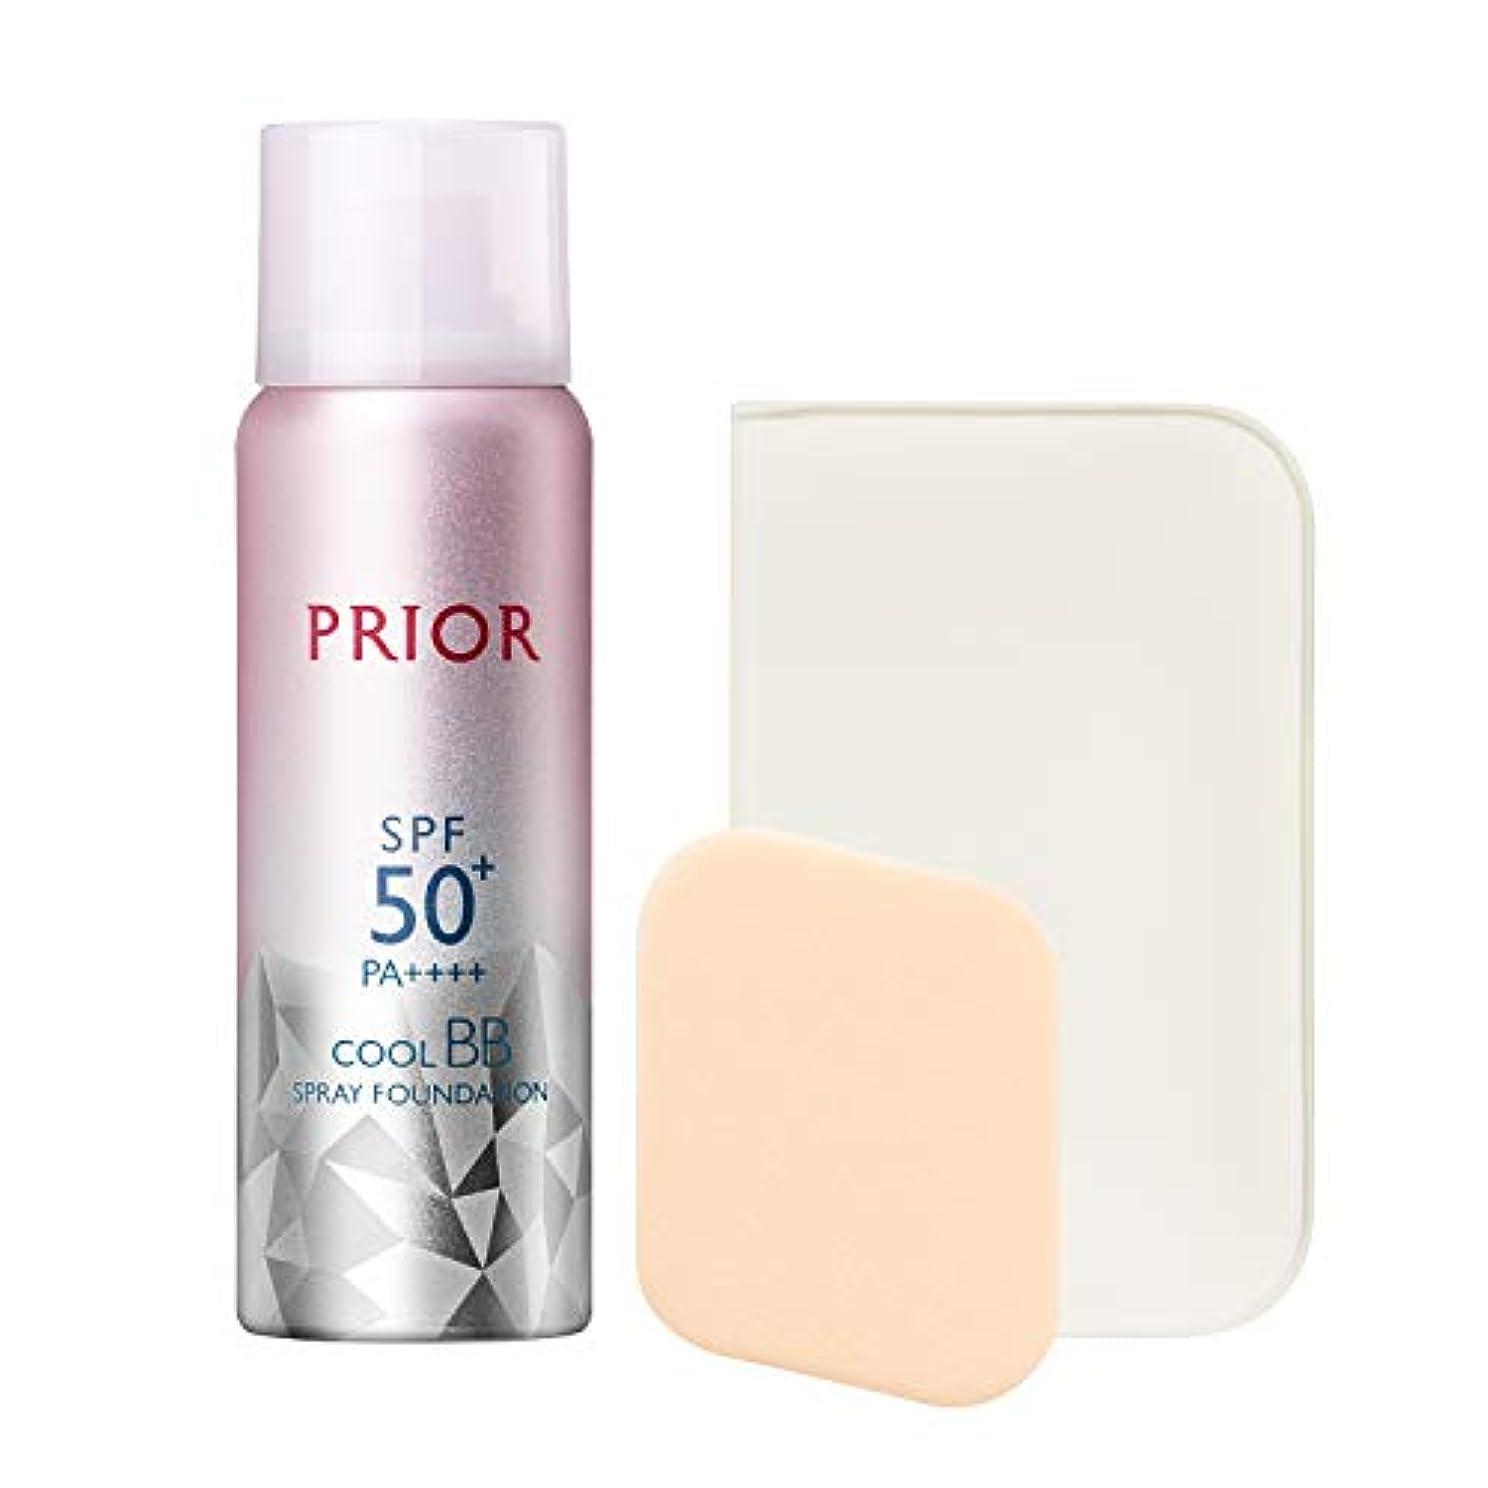 実験室内部サージプリオール クール美つやBBスプレー UV 50 c ナチュラル 50g